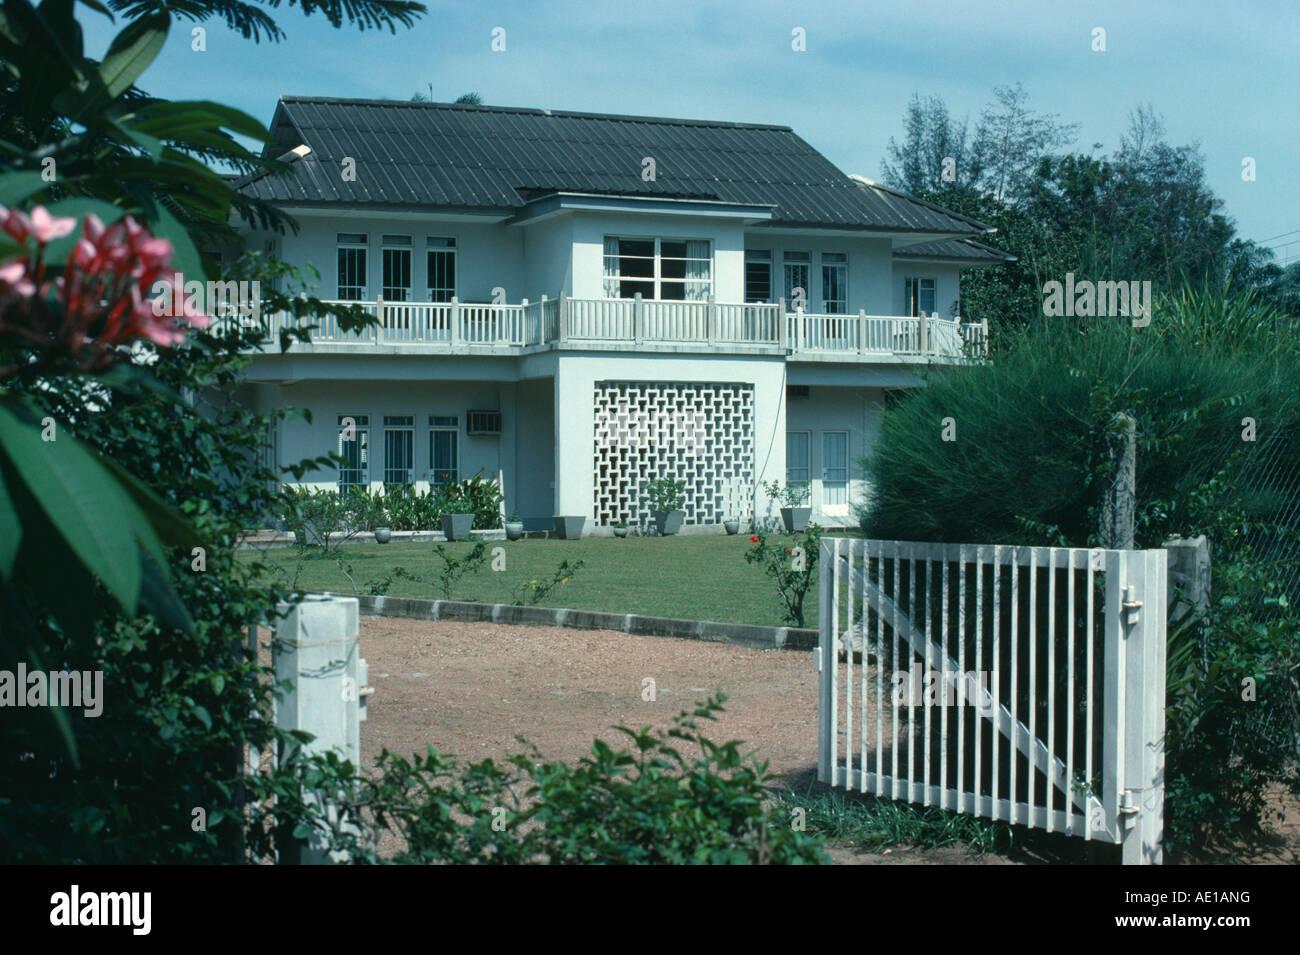 Lafrique de louest nigeria lagos classe moyenne maison individuelle dans la banlieue de la capitale